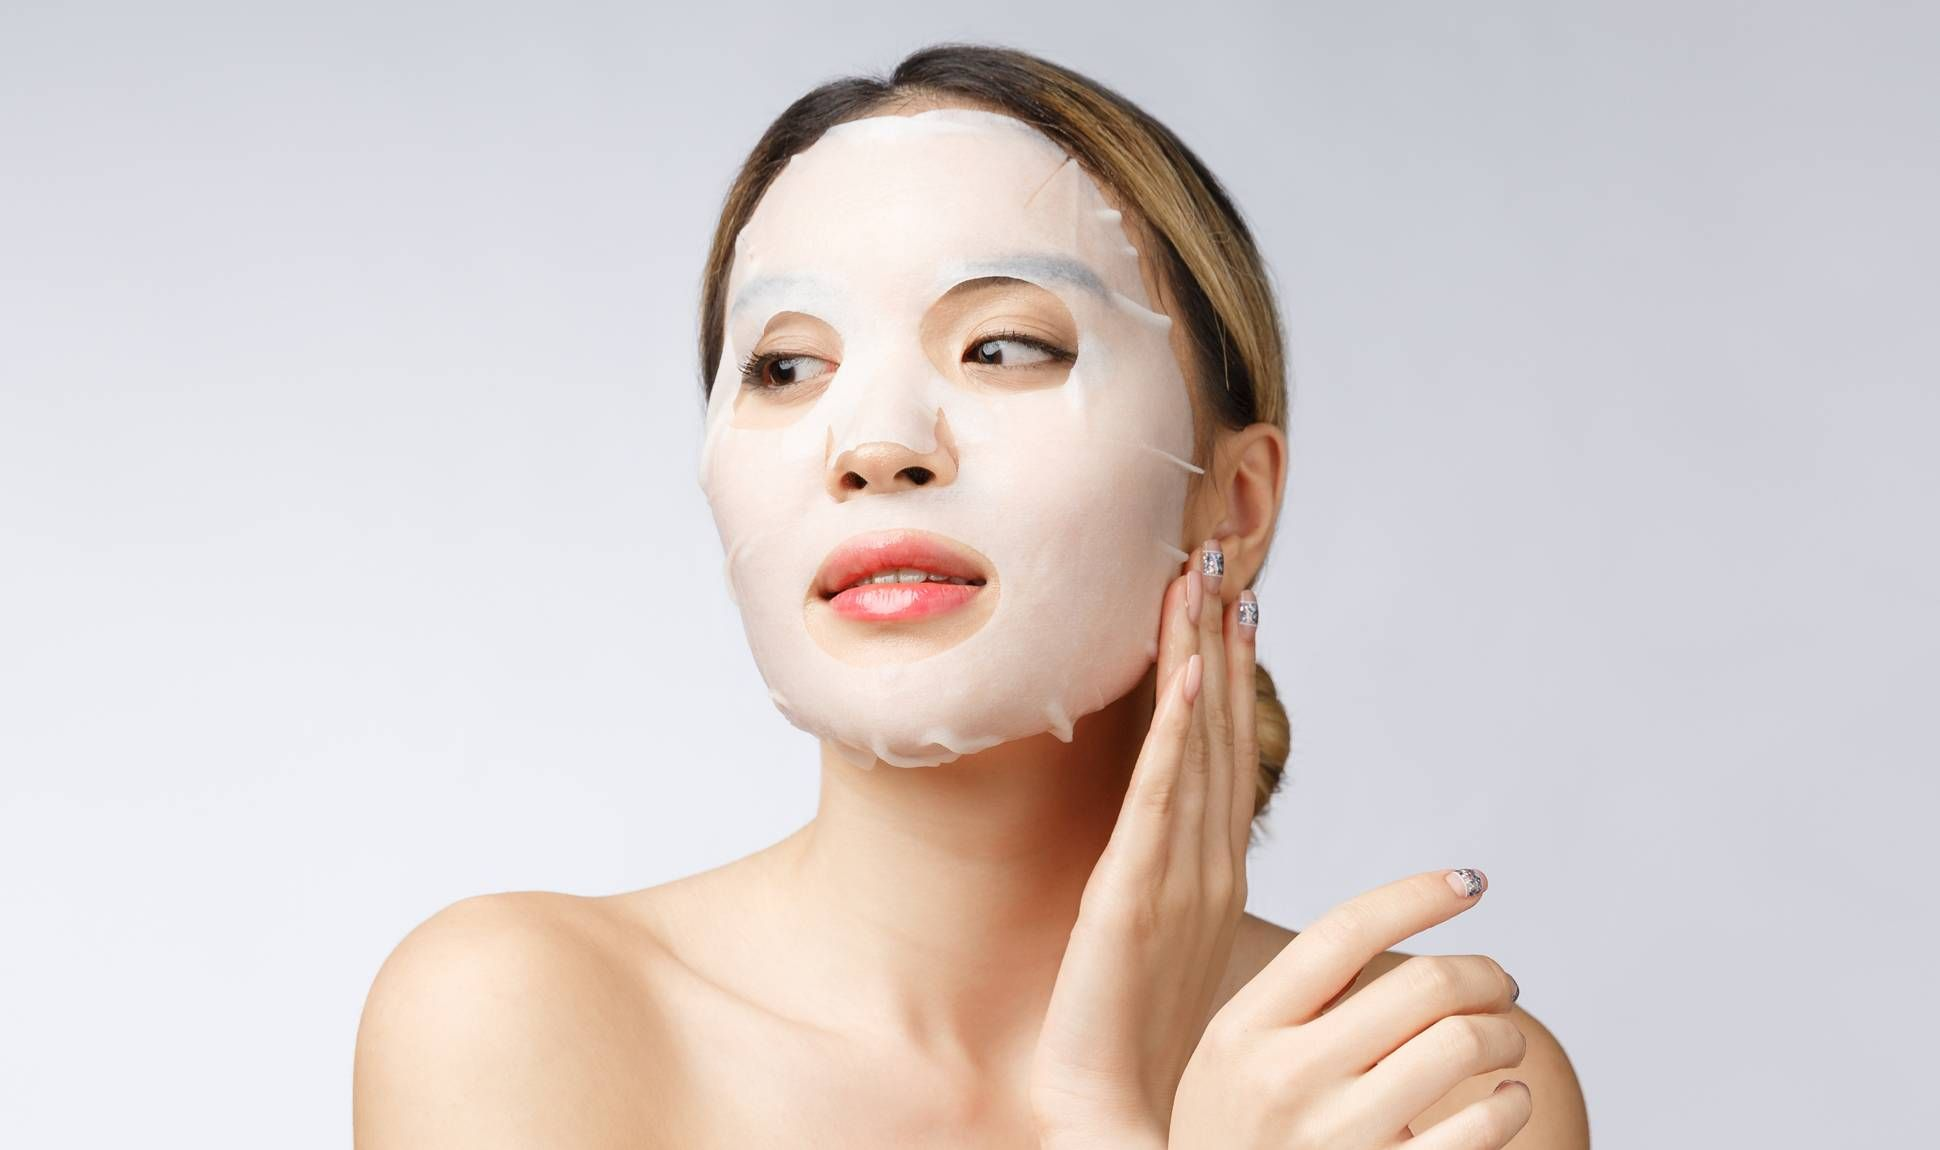 Sembarangan Pakai Sheet Mask Justru Bisa Bikin Kulit Rusak! Hindari  Kesalahan Berikut Ini - Semua Halaman - Stylo